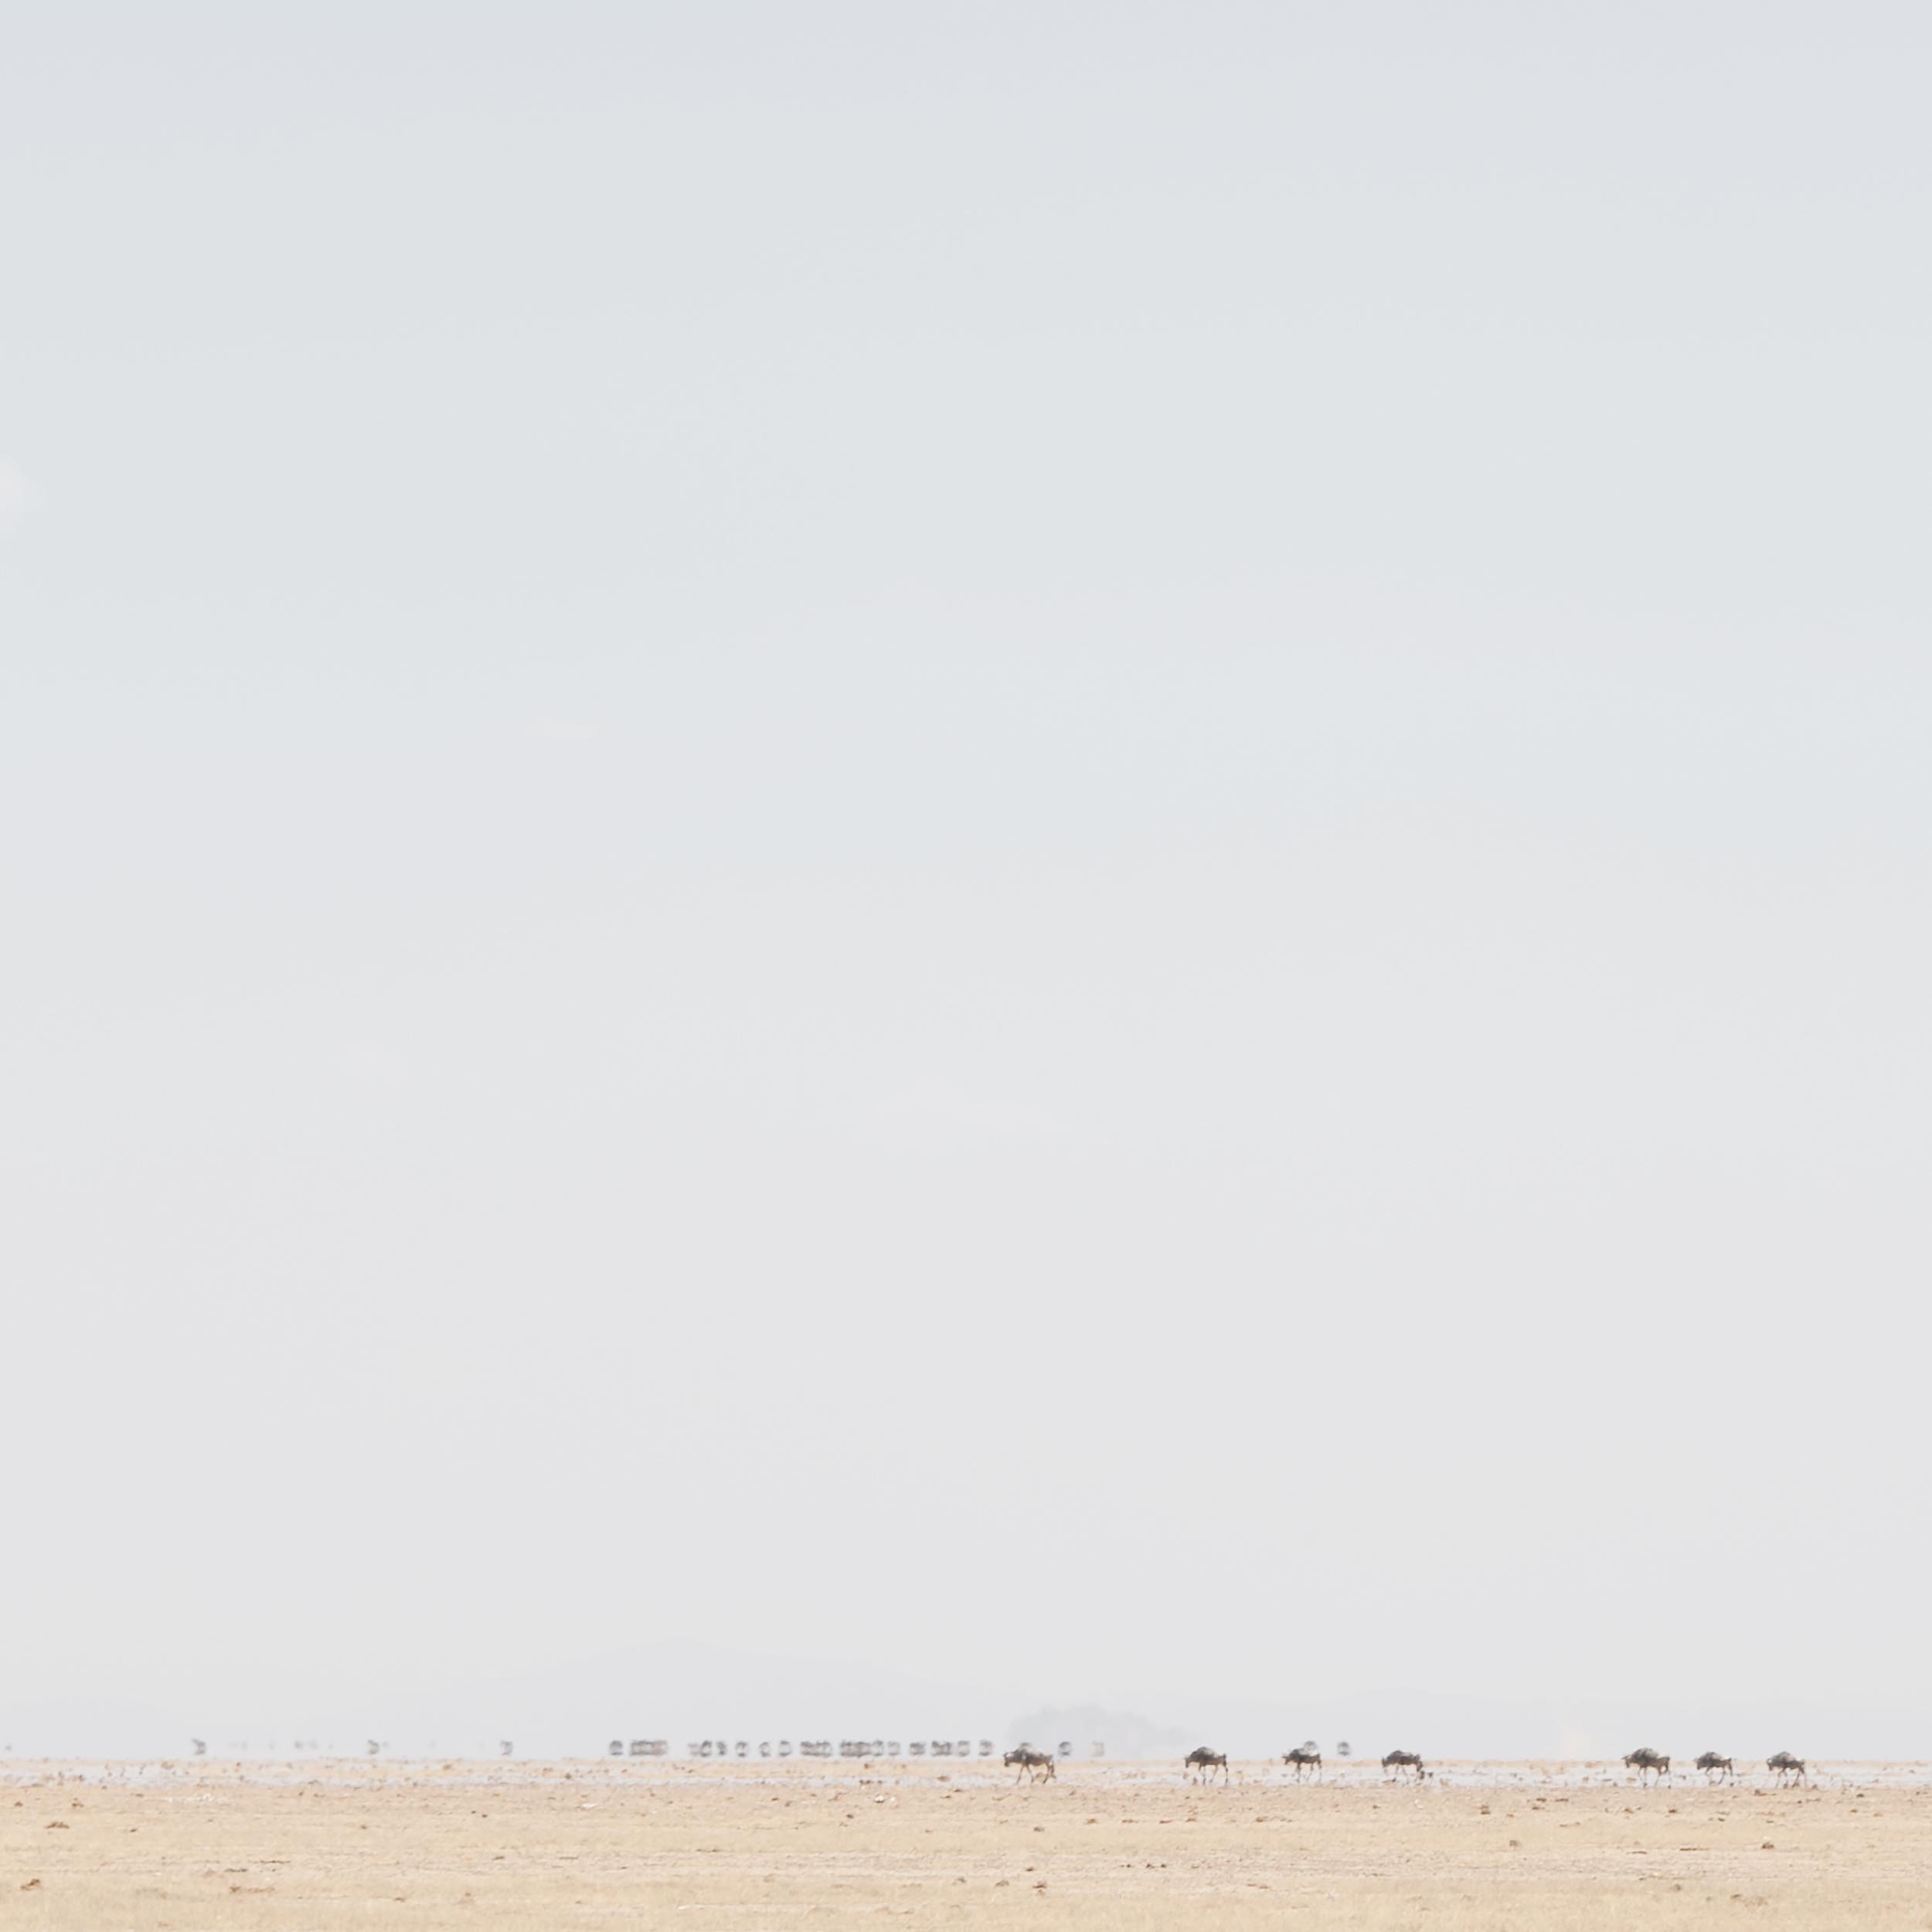 Wildebeest Herd in a Mirage 2, Amboseli, 2014